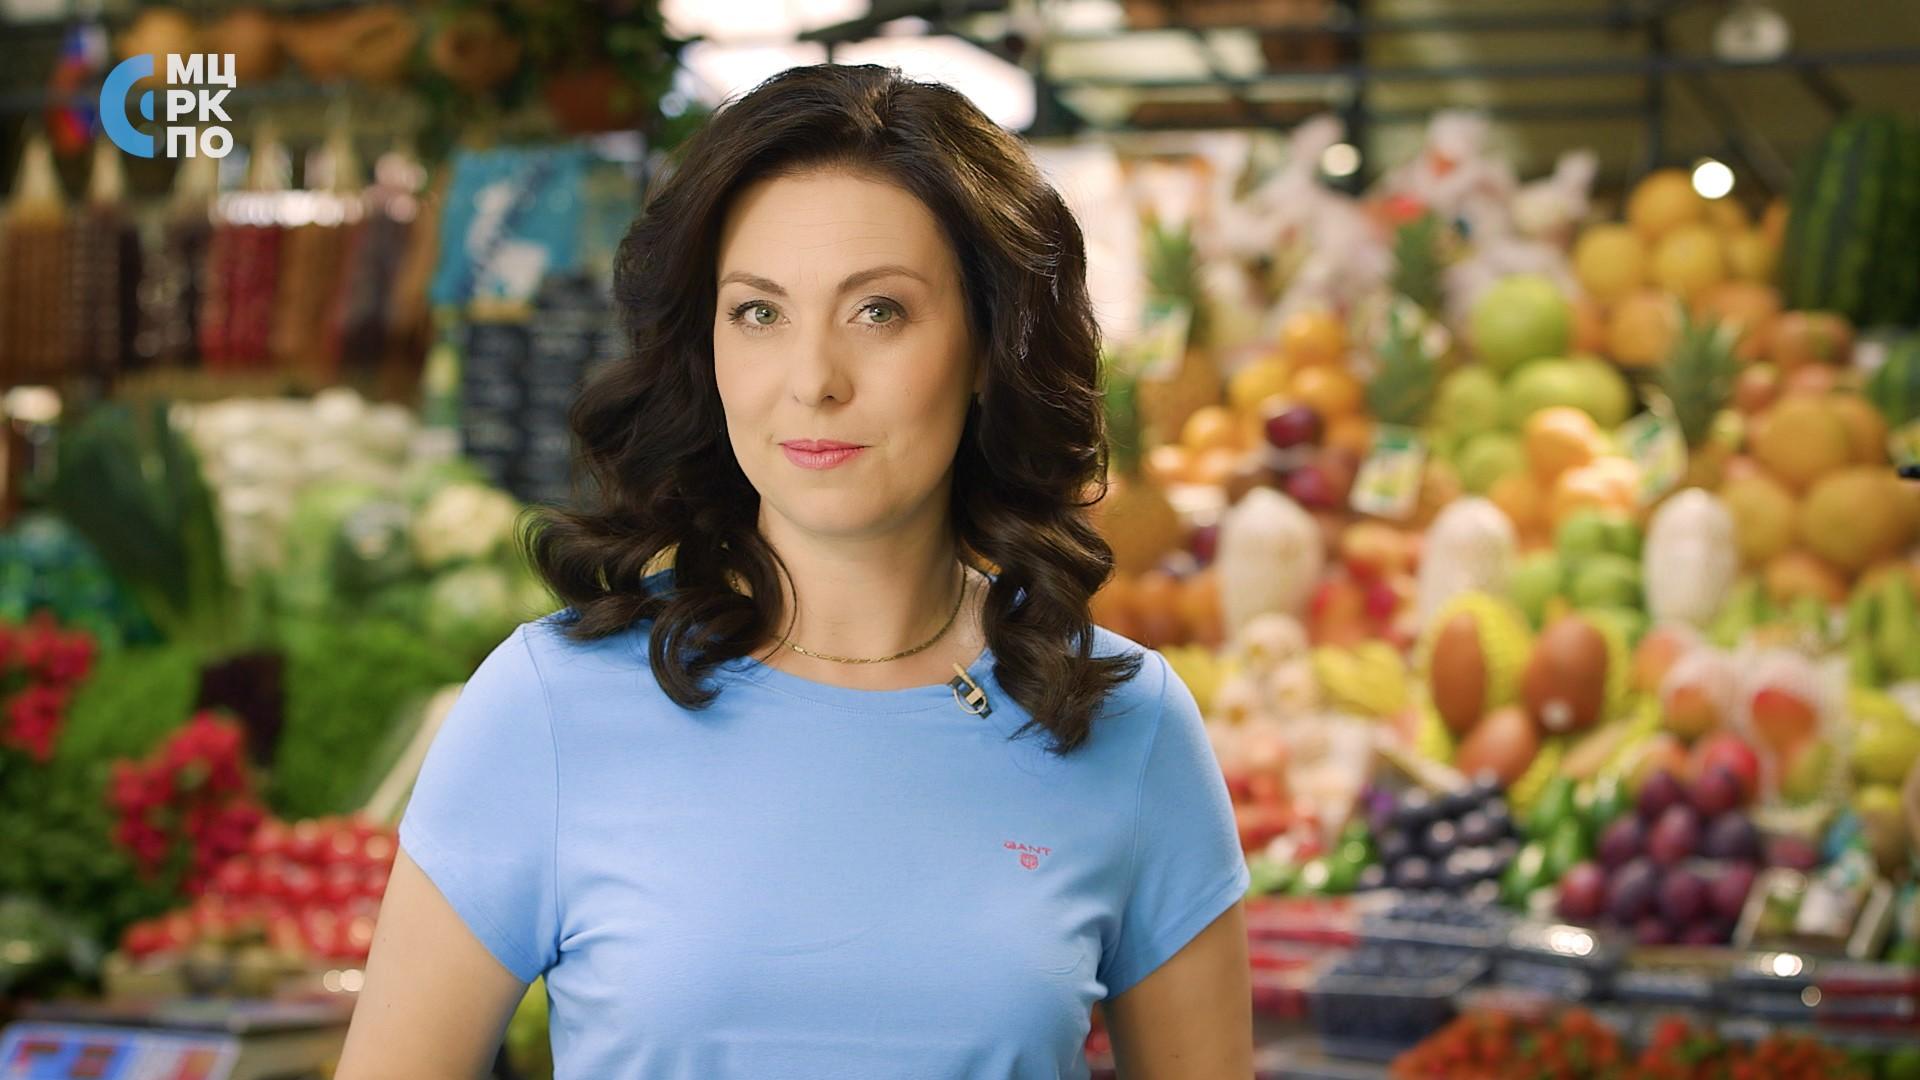 Программа «Мир вокруг нас». Тема: «Что такое витамины и зачем они нужны человеку?»